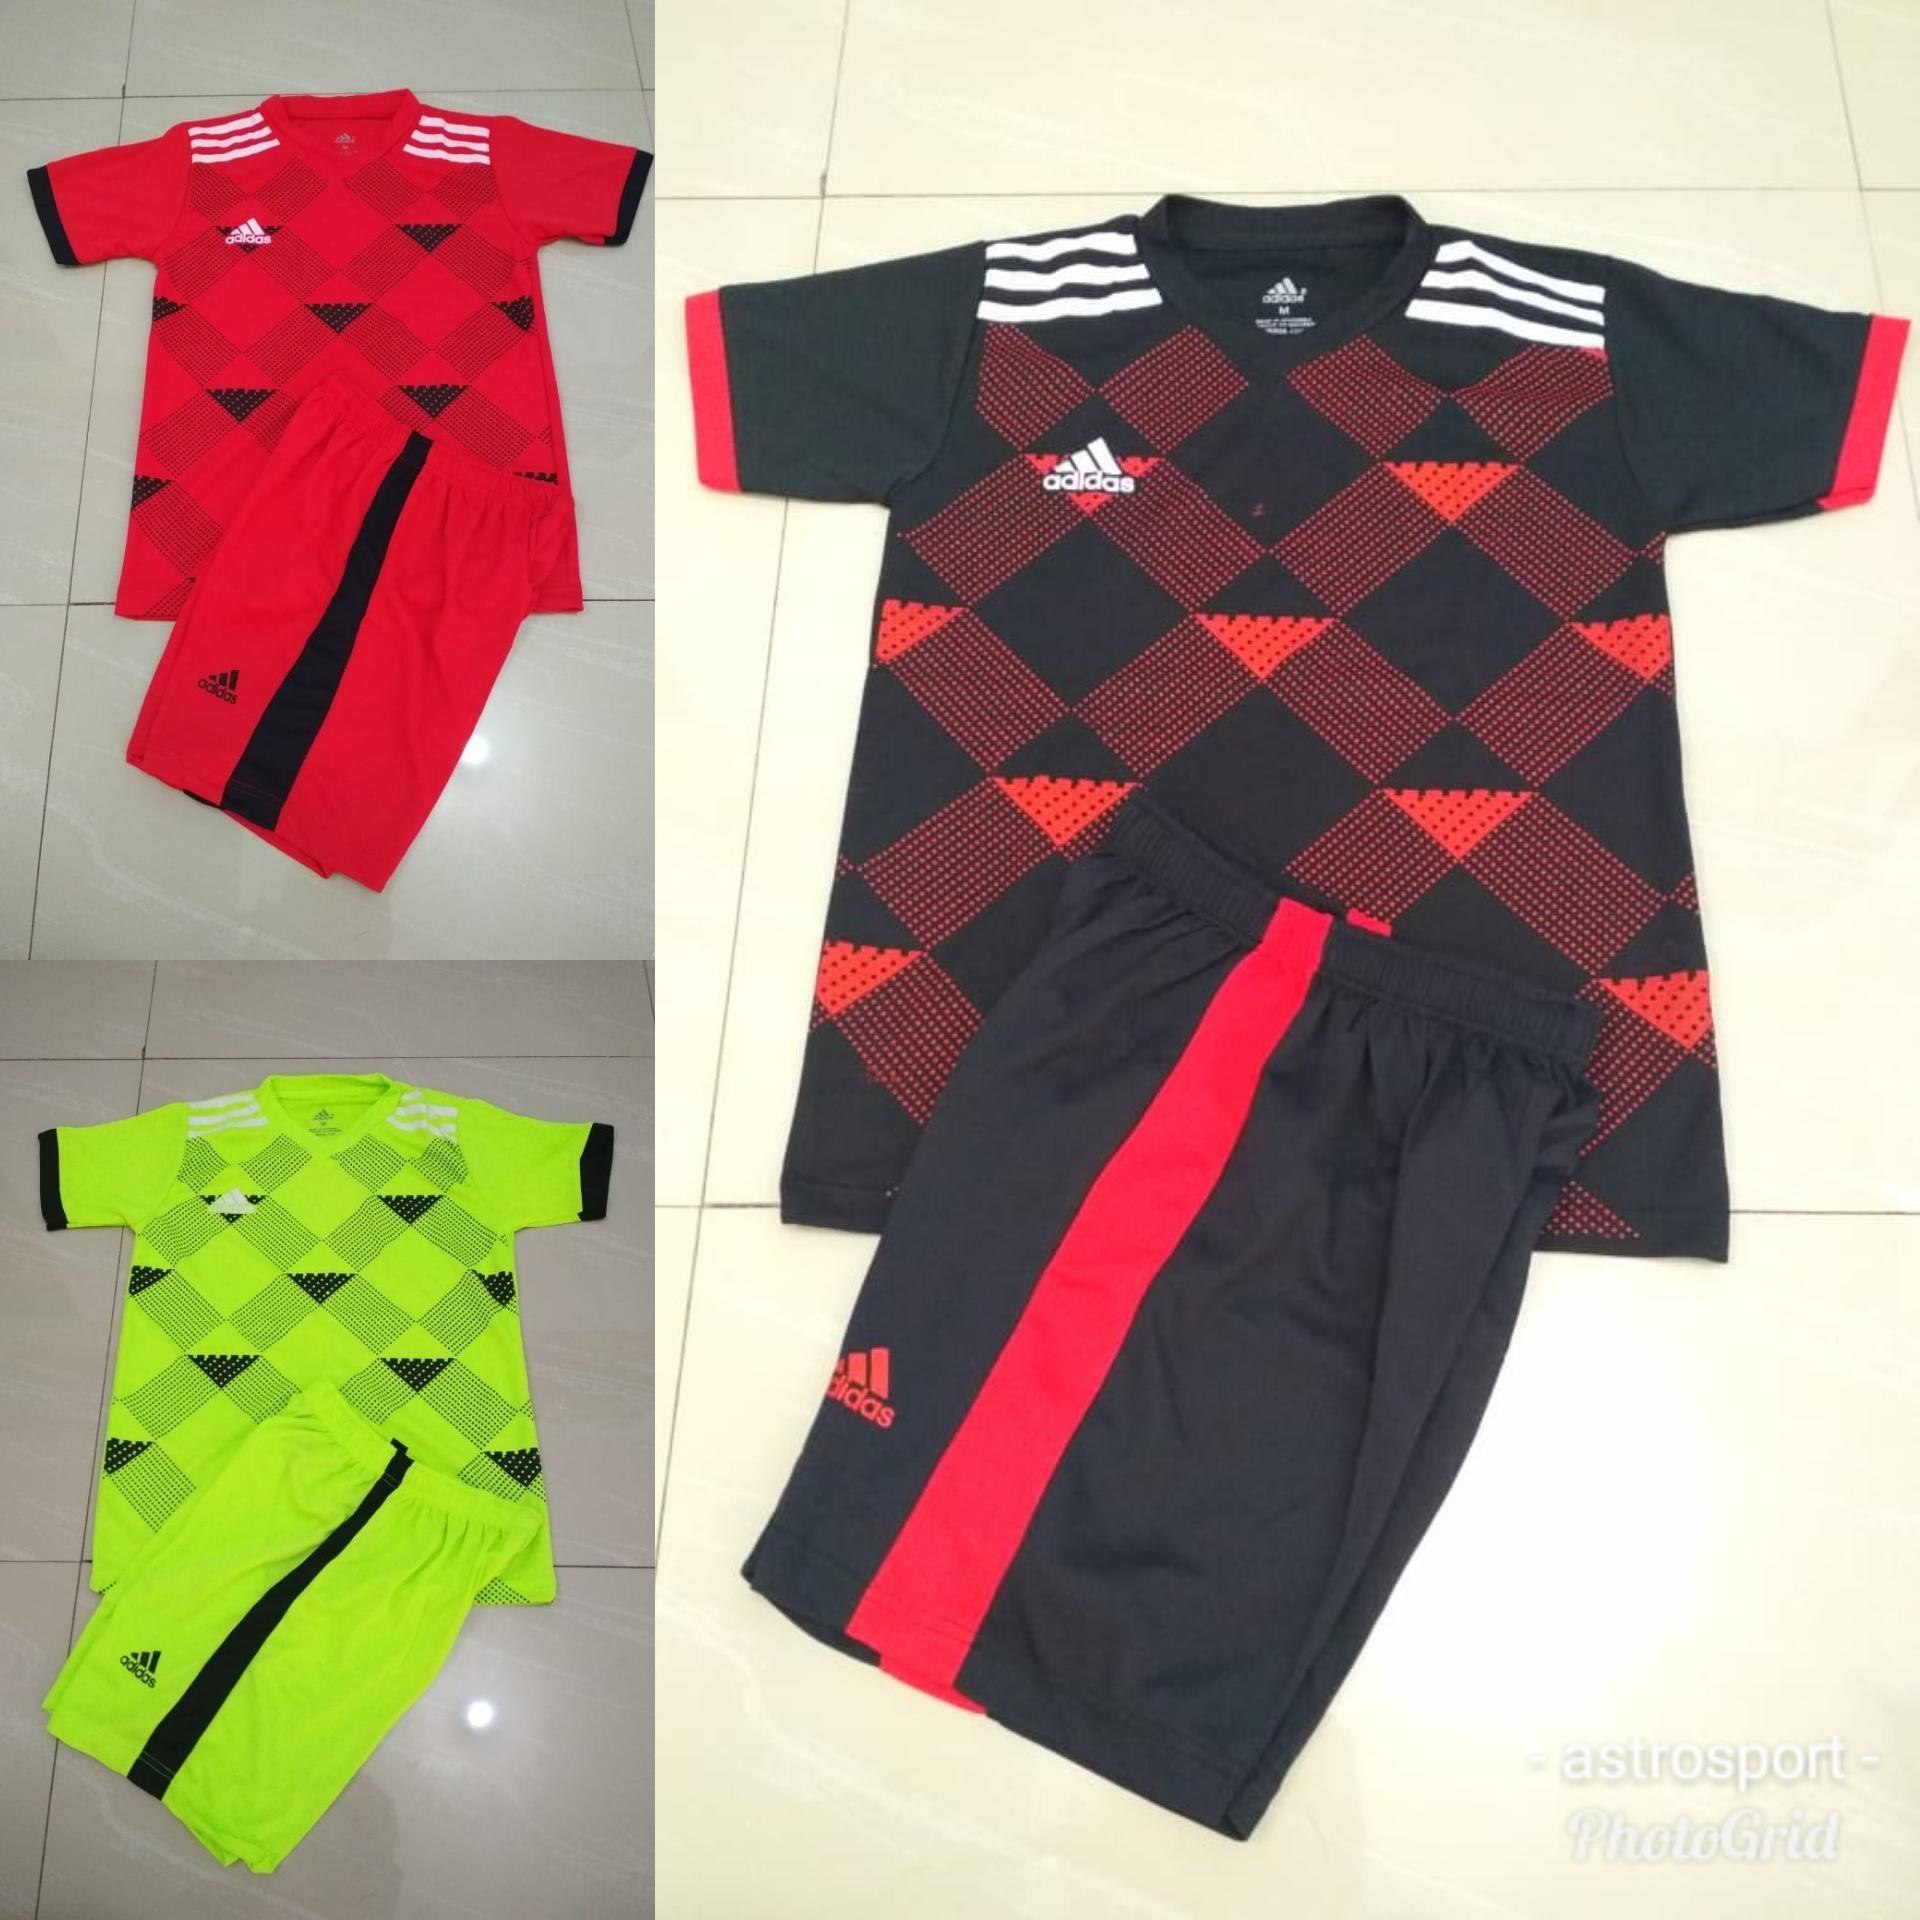 Kelebihan Celana Wasit Sepakbola Futsal Adidas Hitam Polos Terkini Rompi Sepak Bola Dan Baju Anak Setelan